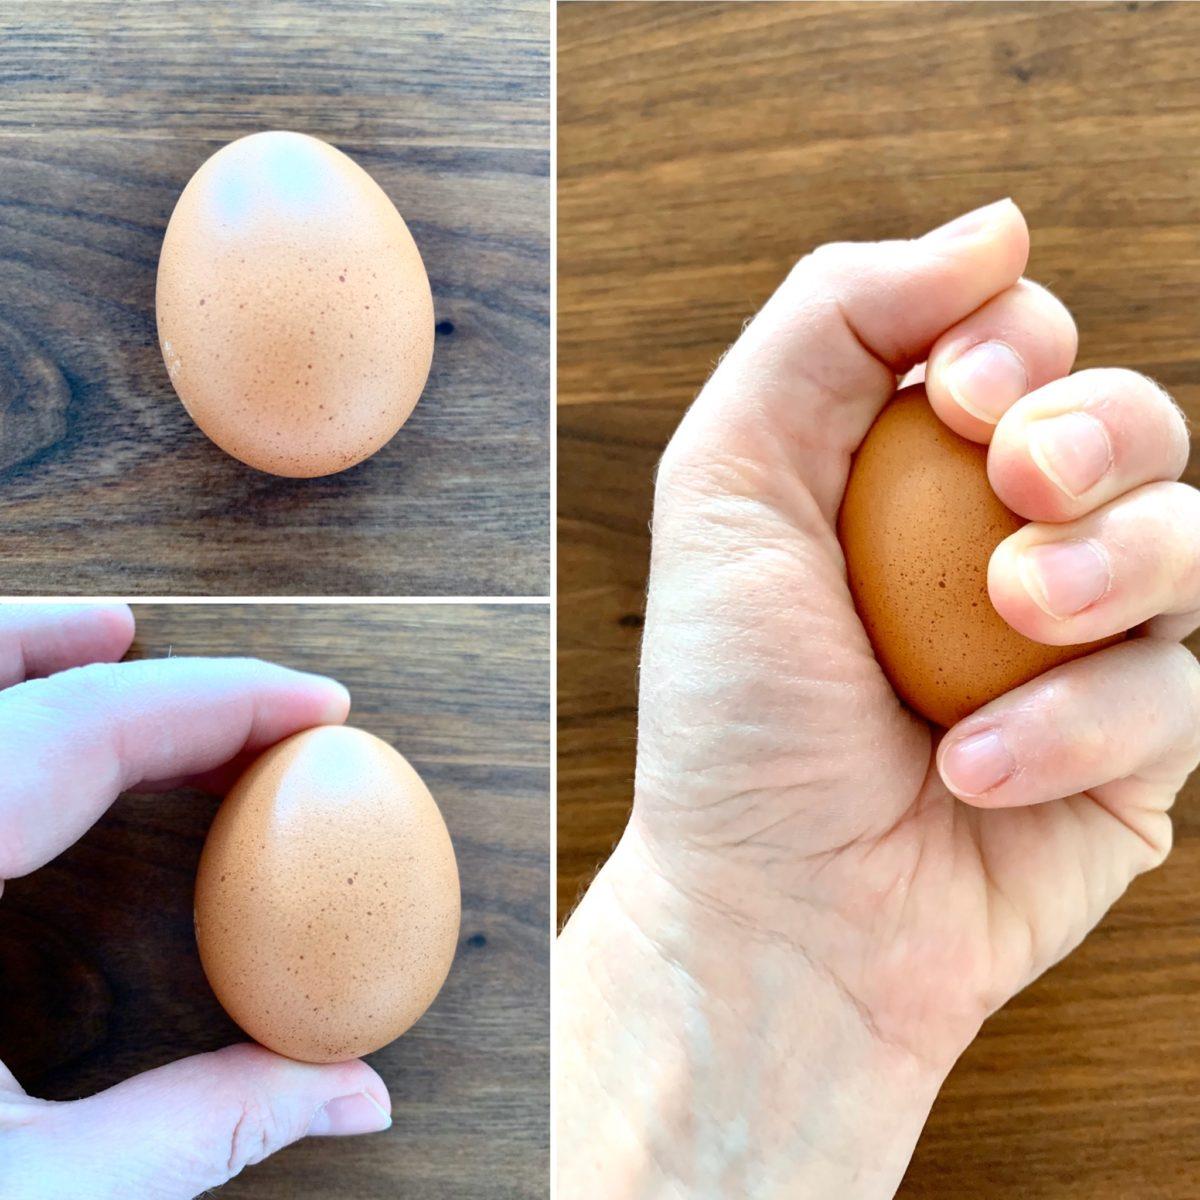 SCHNELL GEFORSCHT: Kräftemessen mit einem Ei